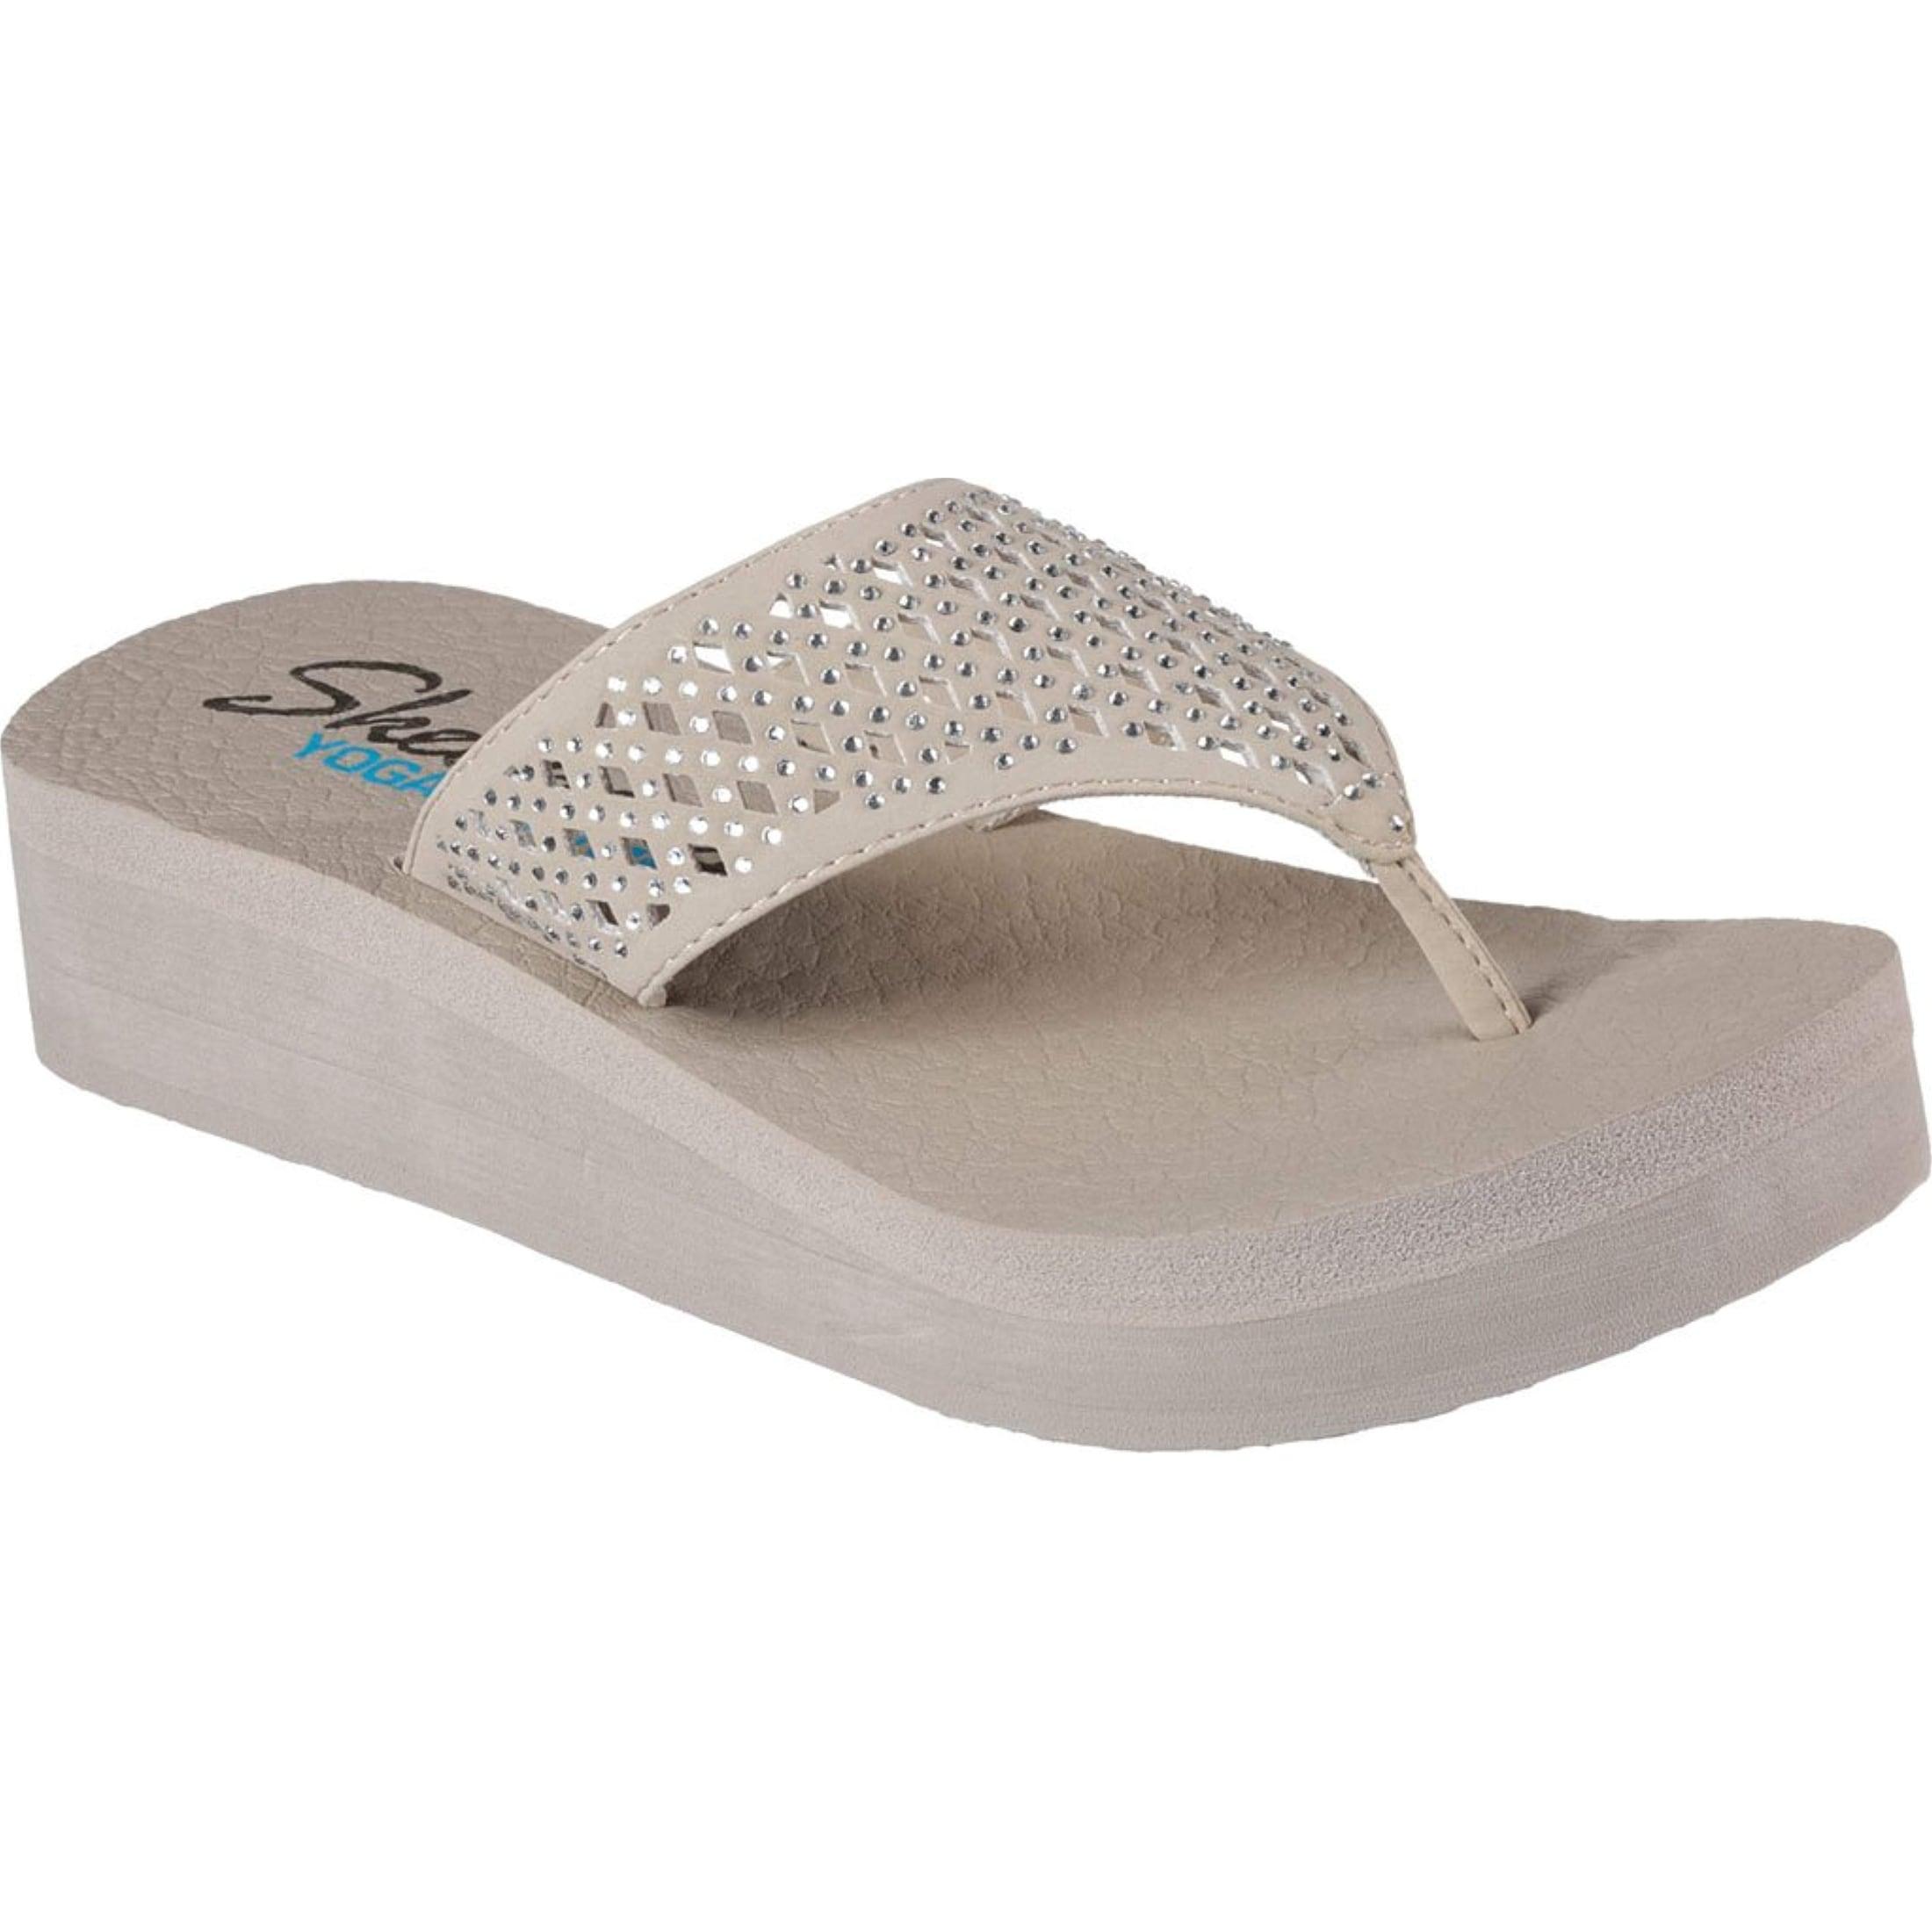 skechers slippers womens memory foam